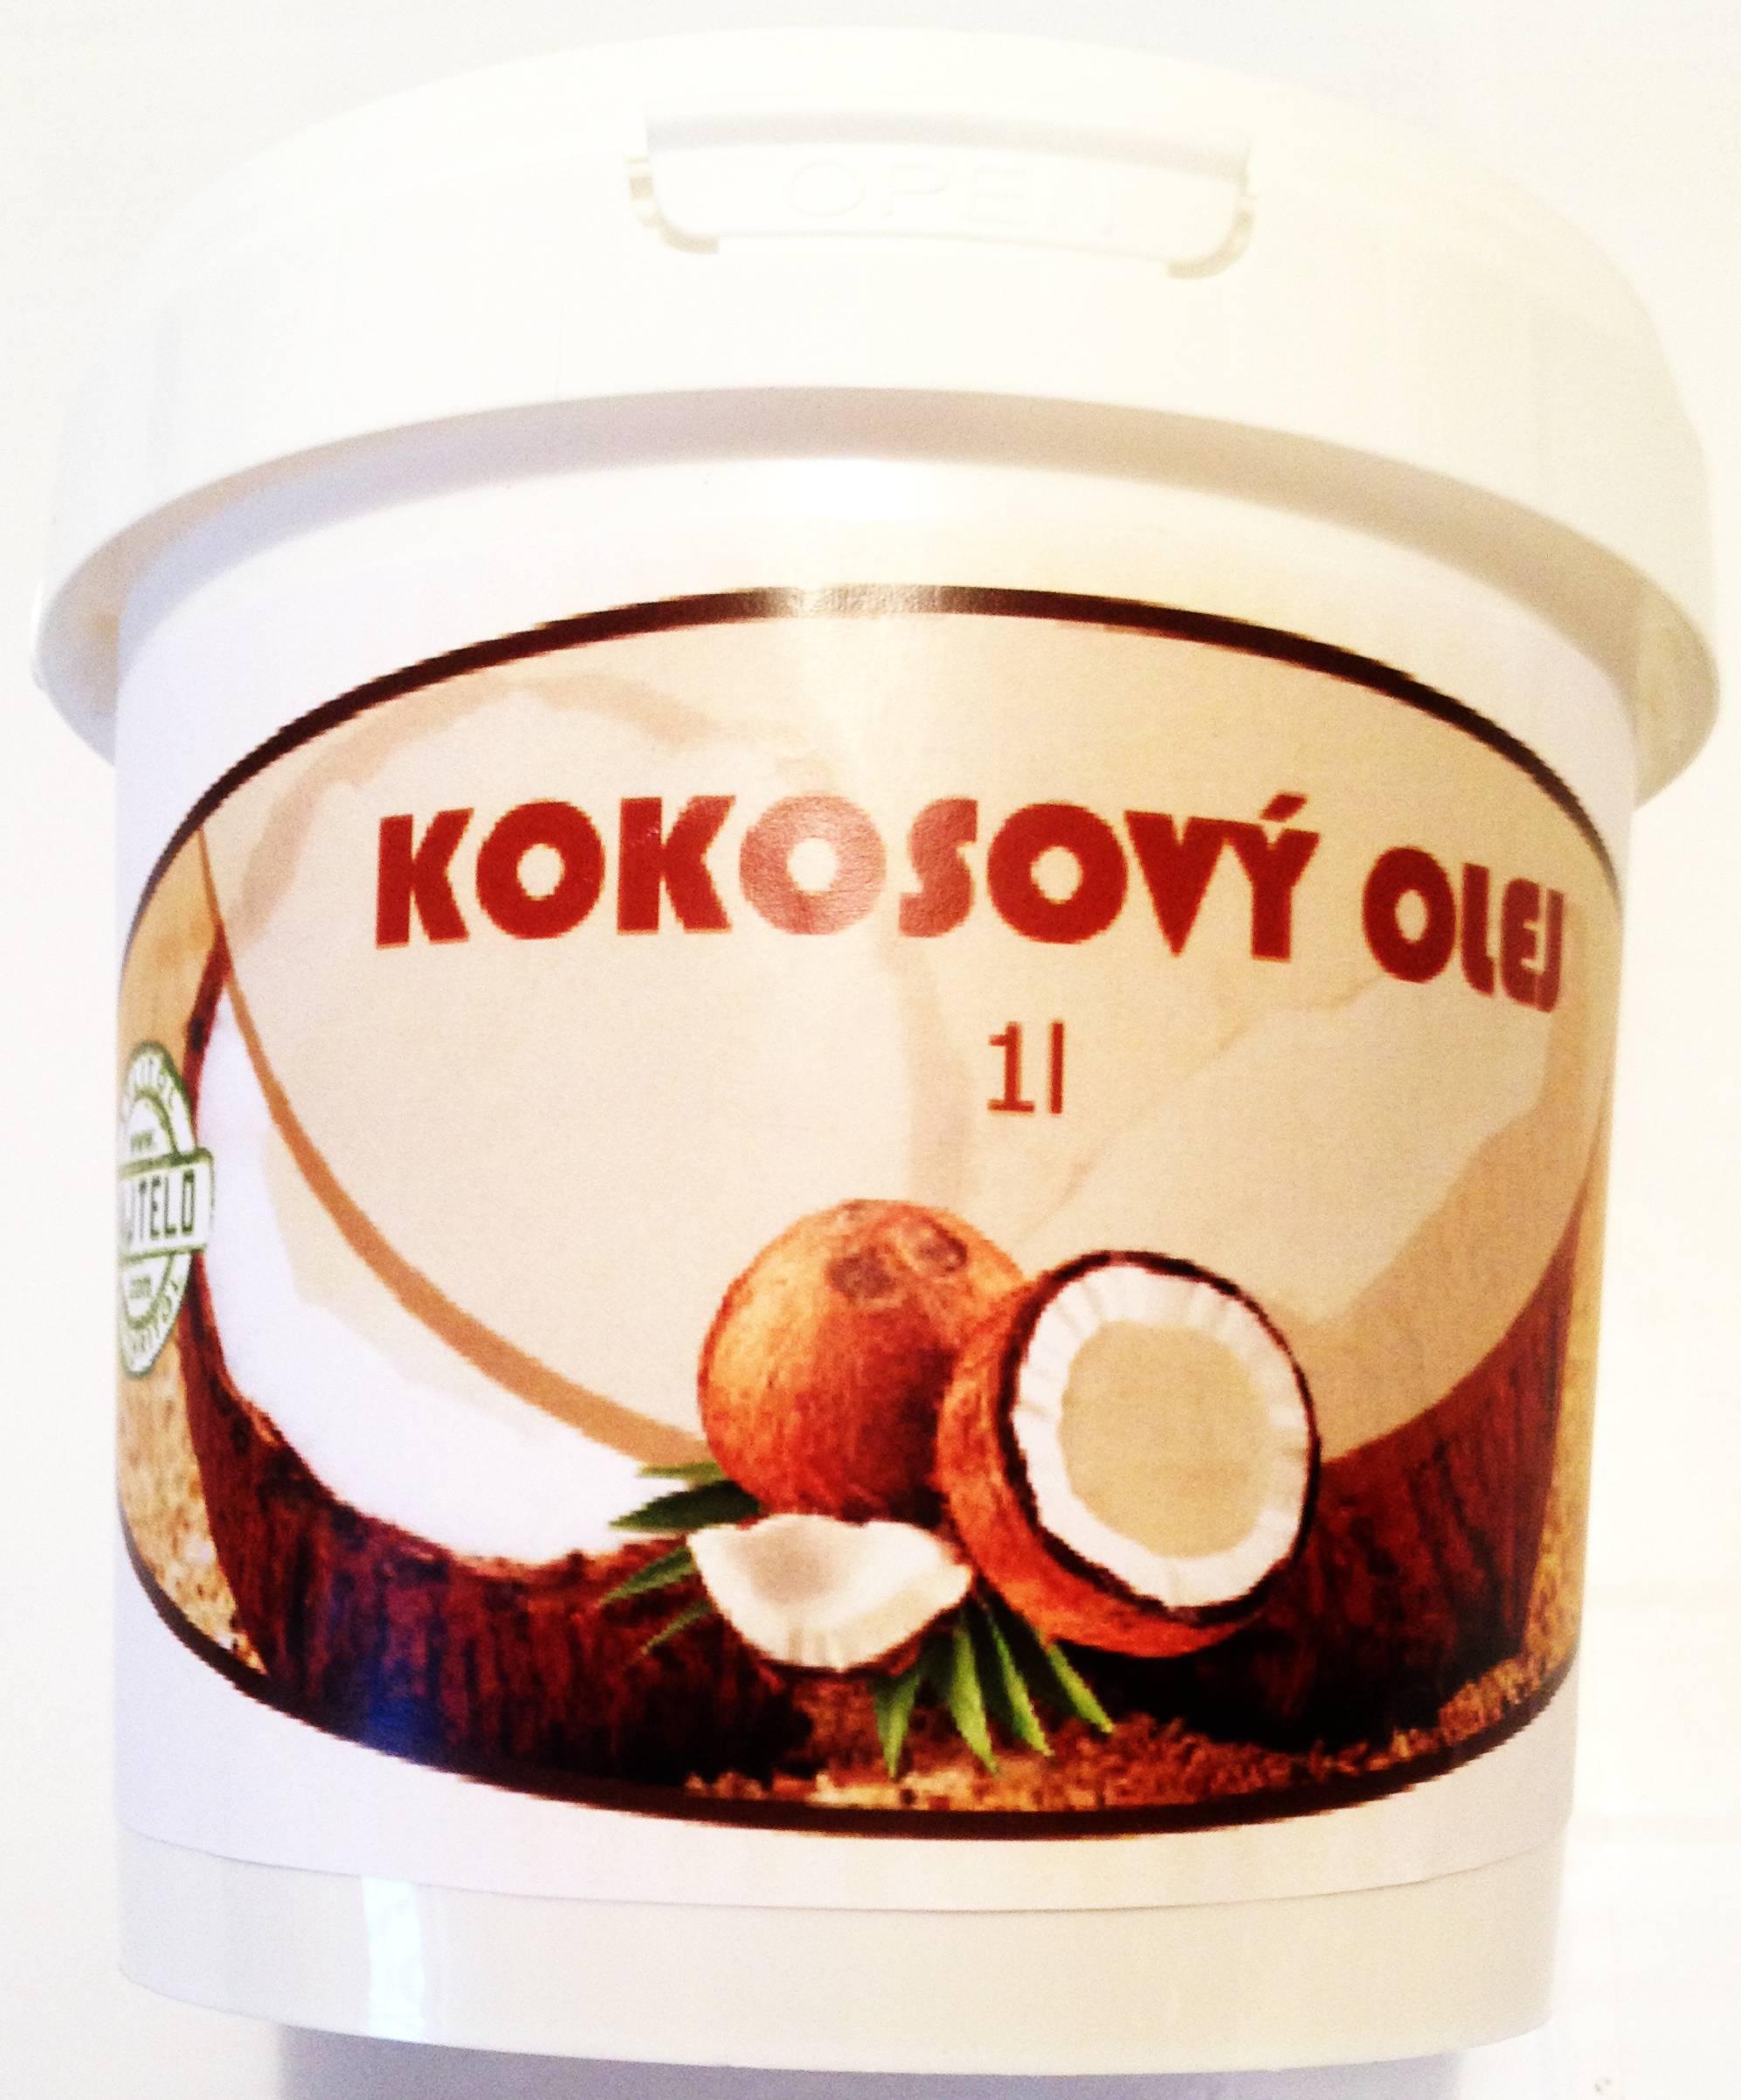 kokosák 1l